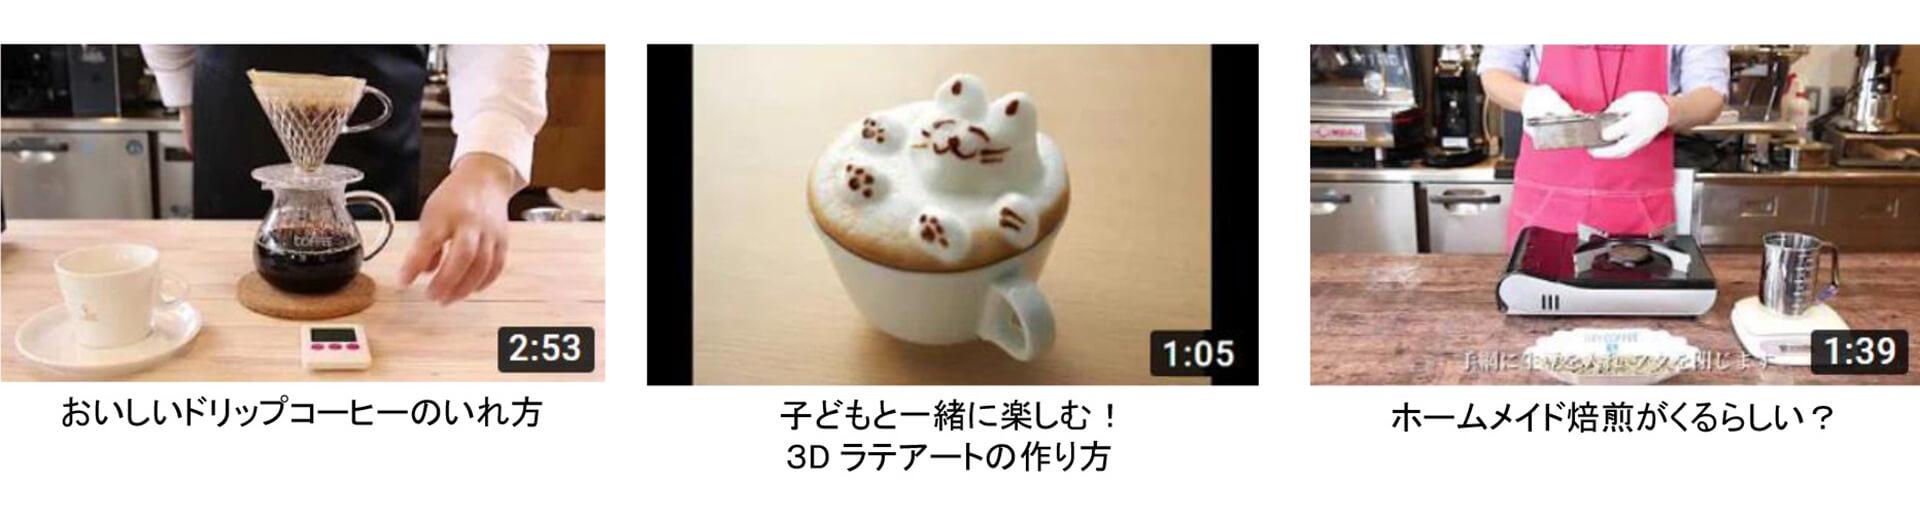 おうちカフェKEY ・動画